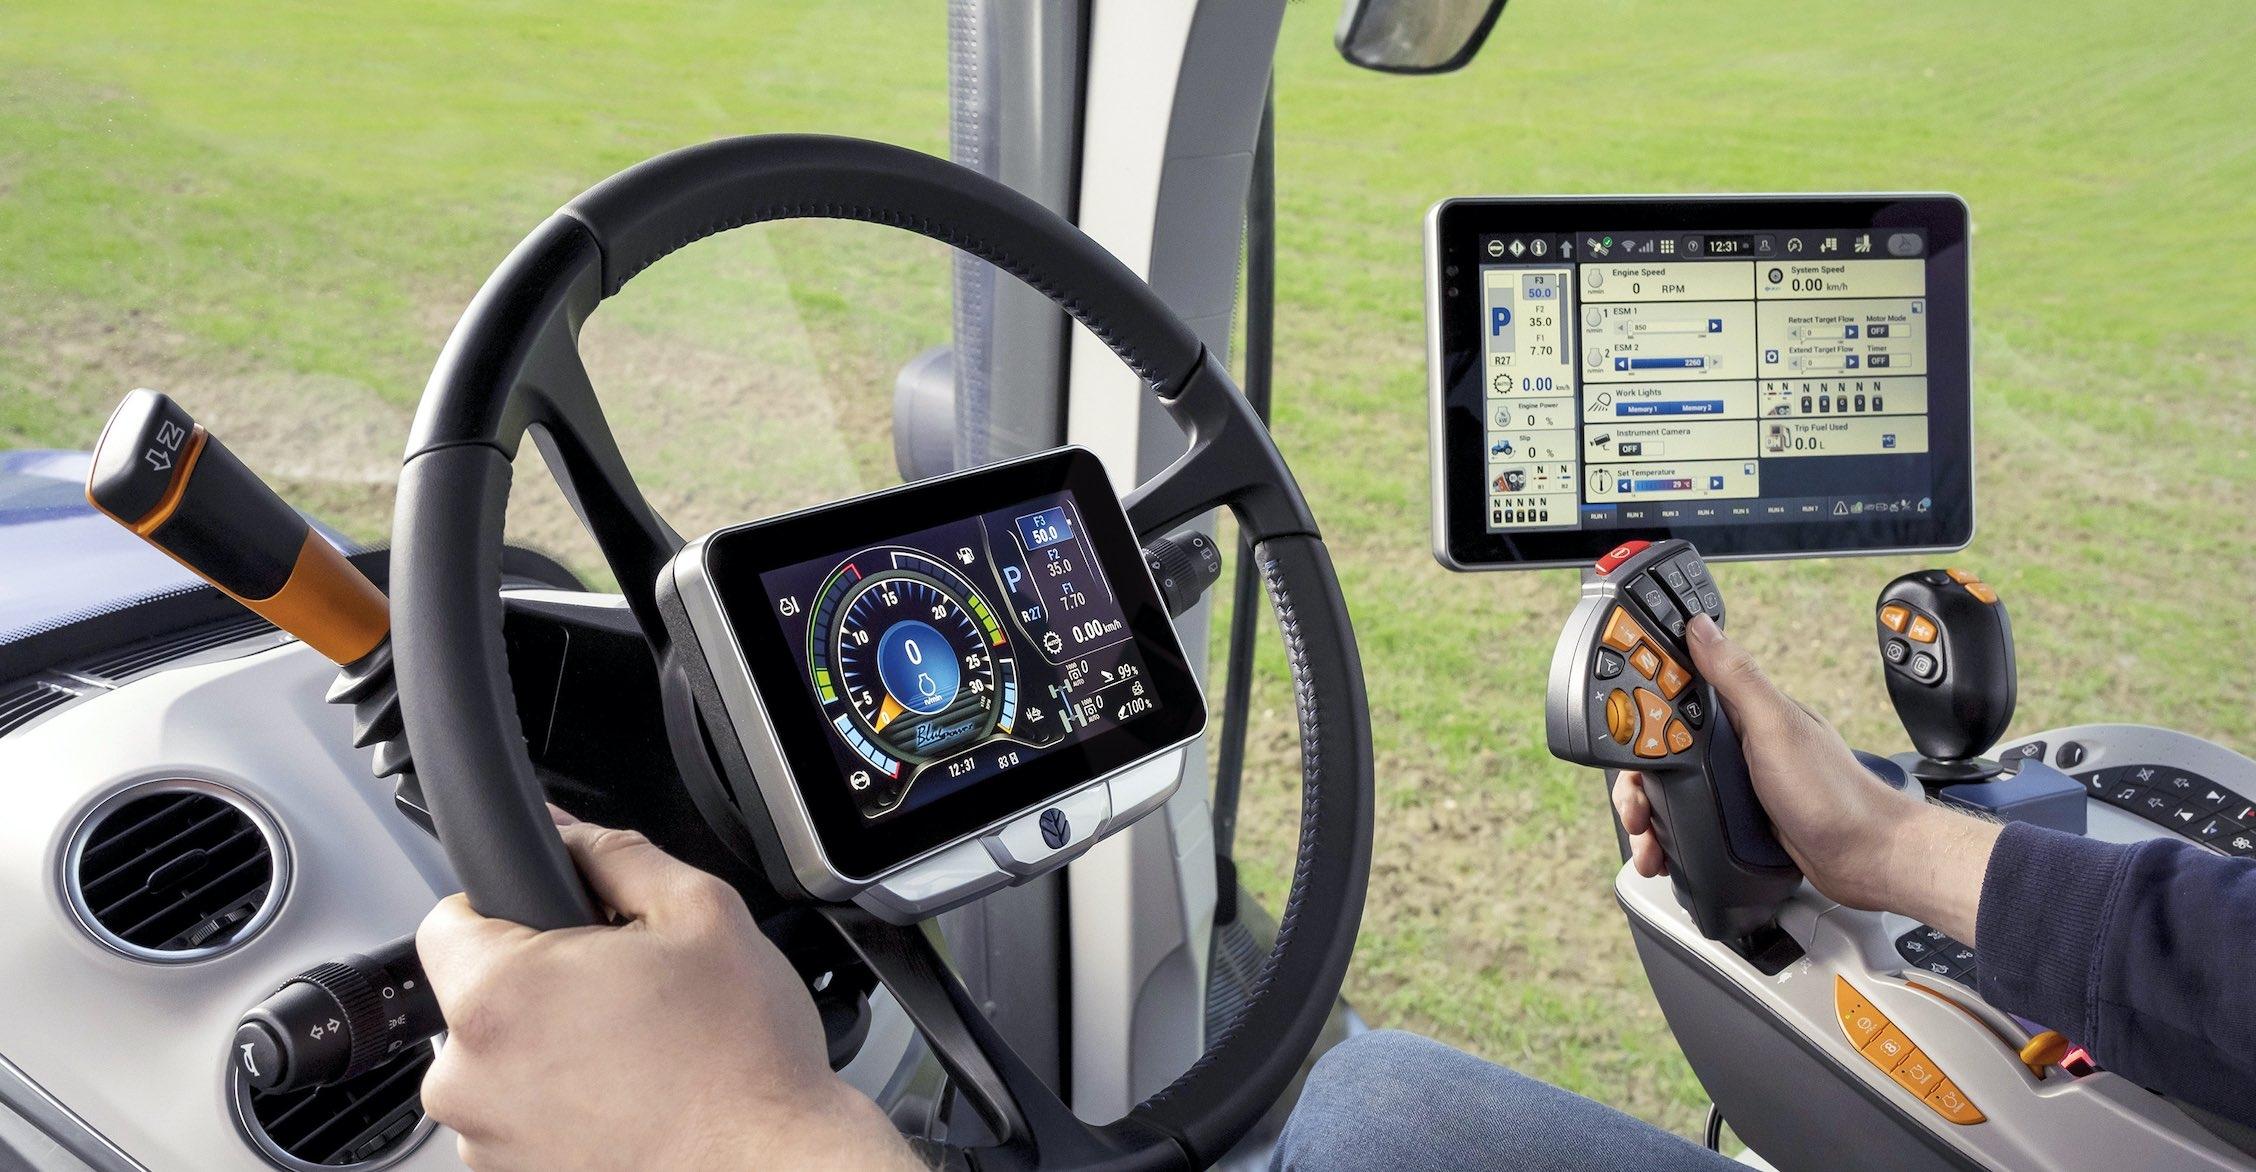 L'écran CentreView est installé au centre du volant